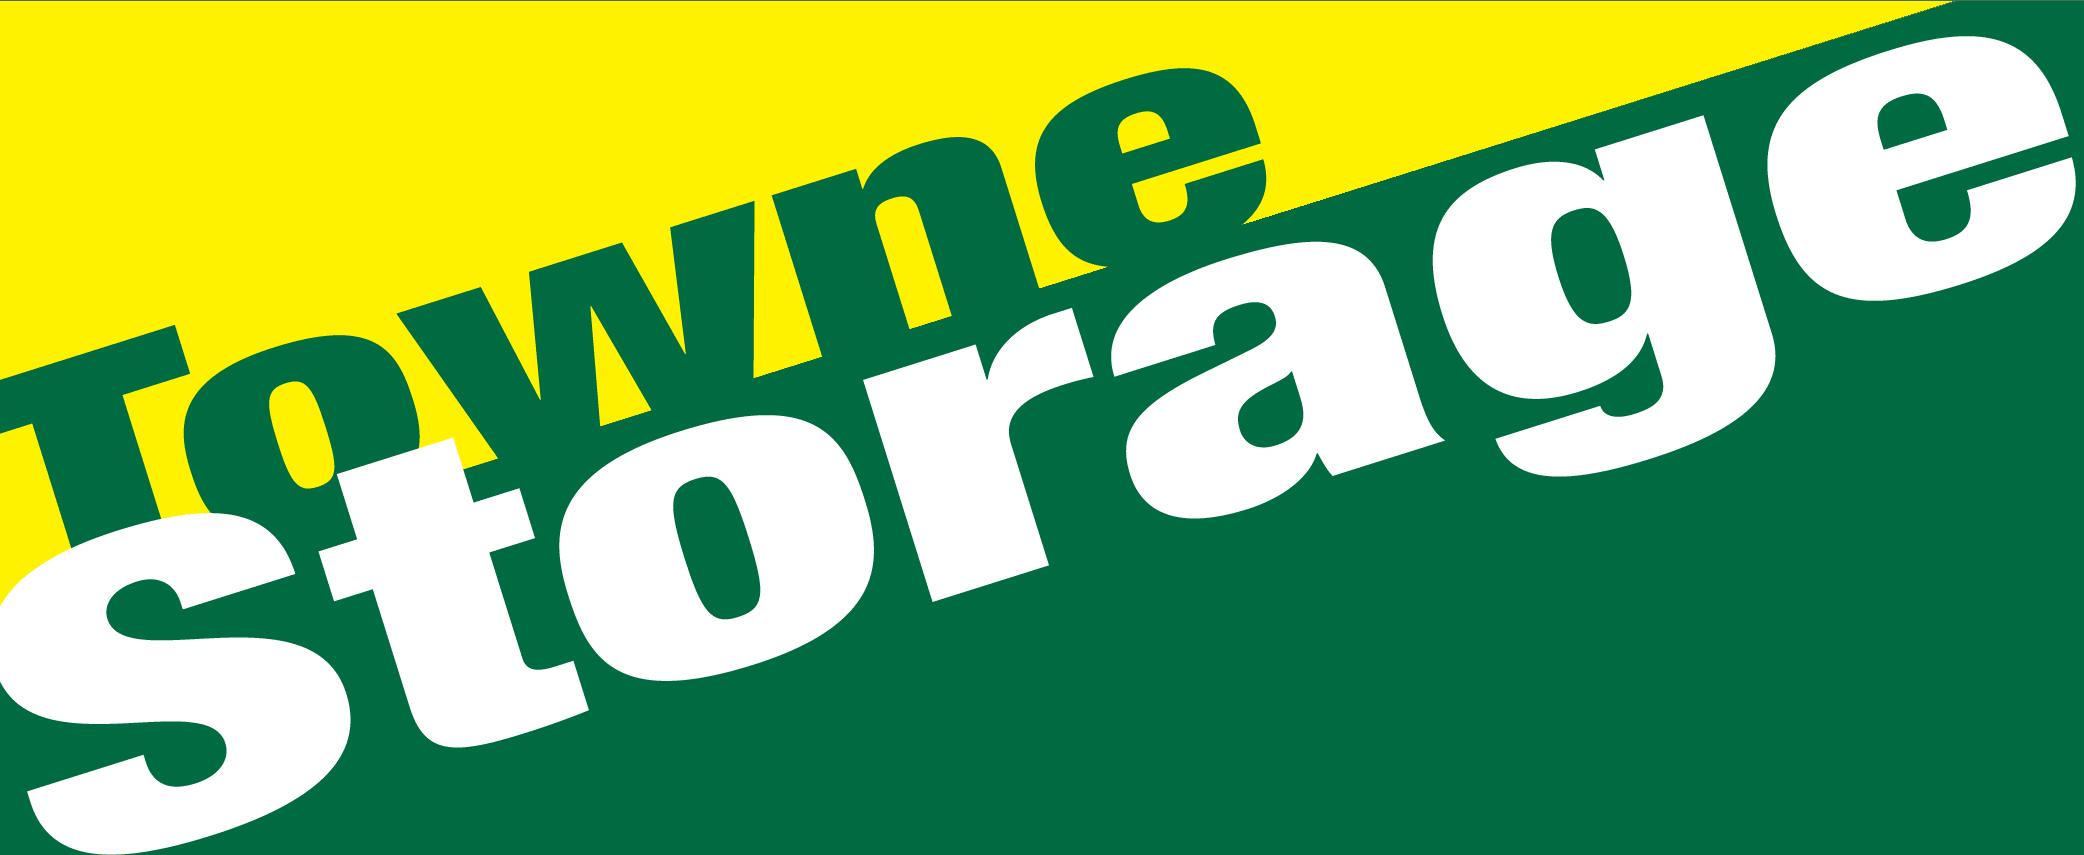 Towne Storage - MLK logo